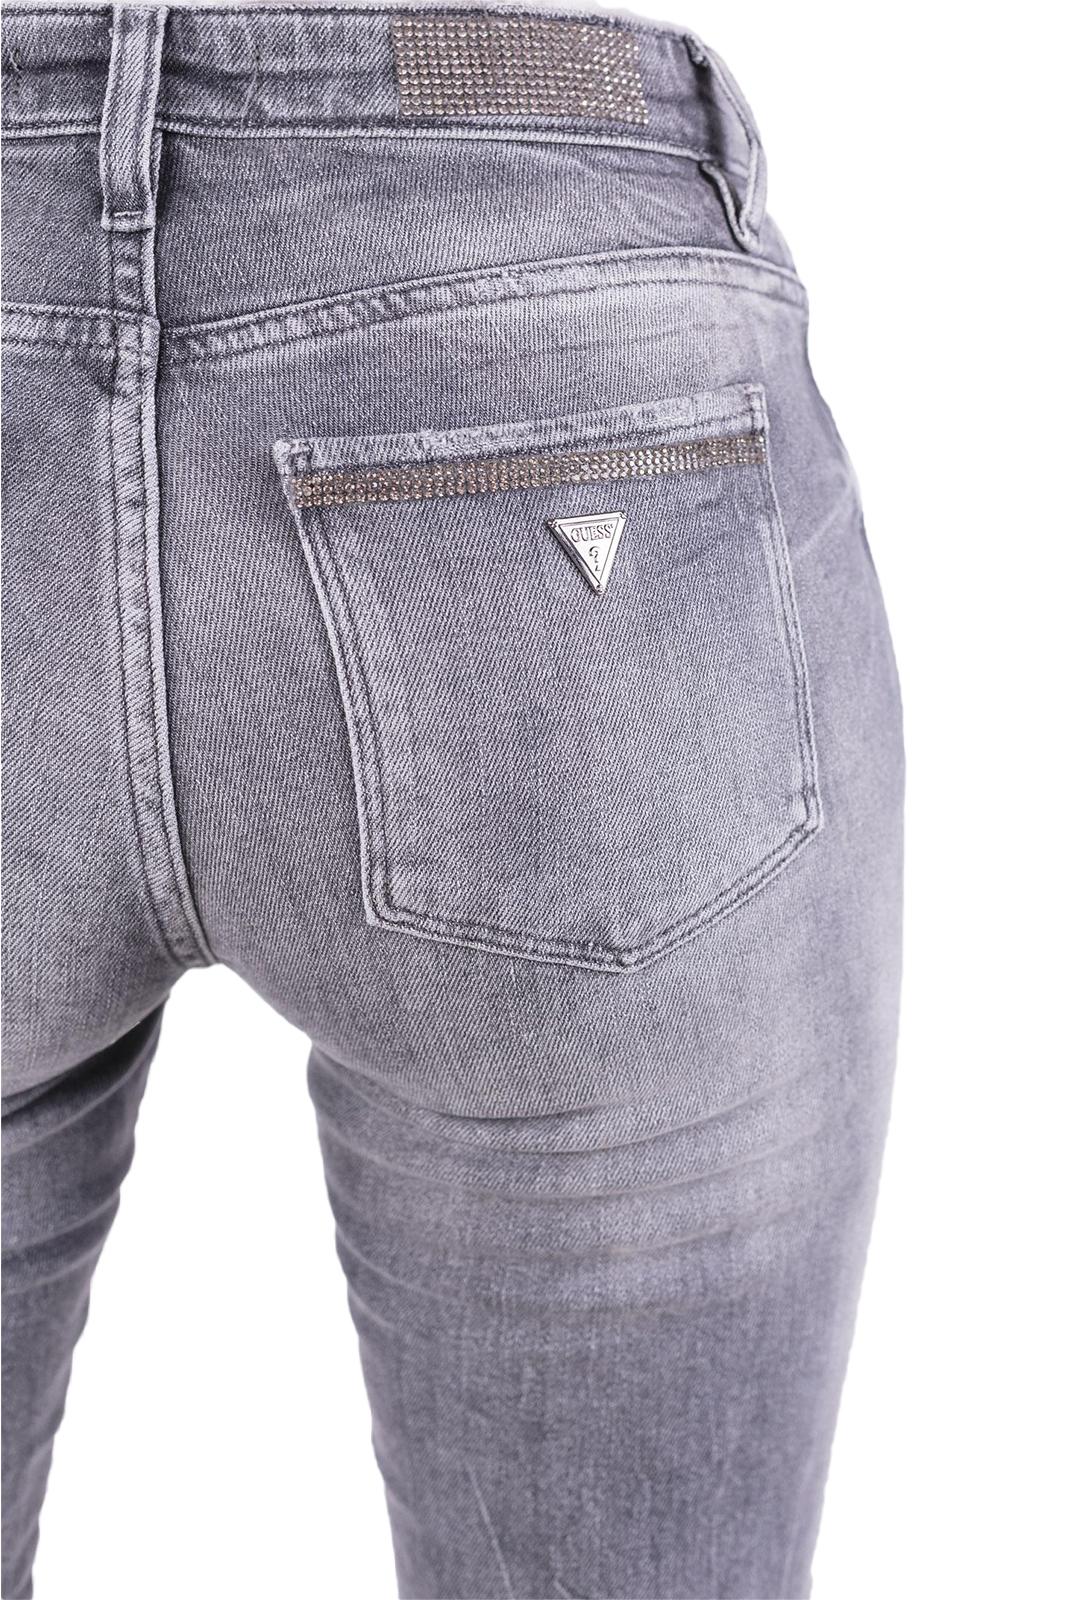 Jeans   Guess jeans W84AJ3 D3BO0 Sexy curve GREY GLIMPSE